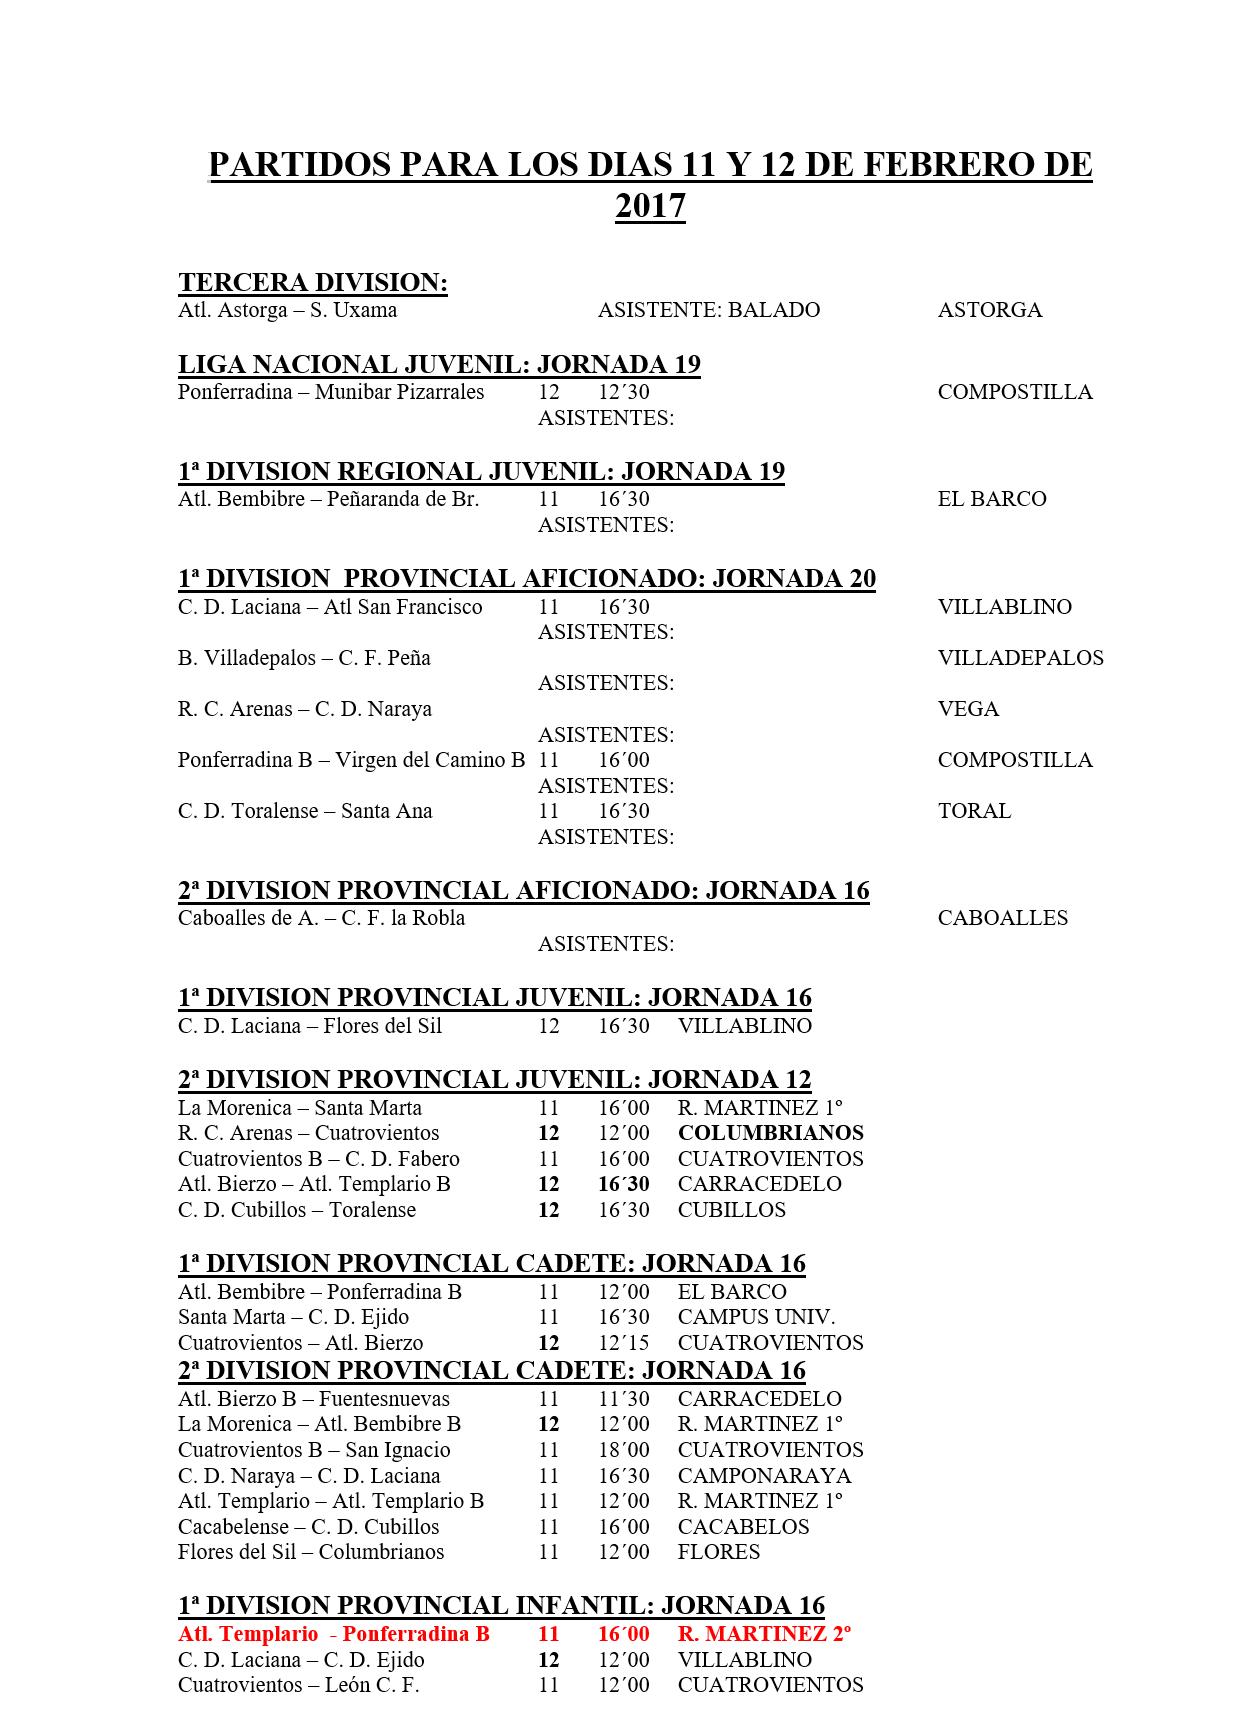 Fútbol base jornada del 11 y 12 de febrero 2